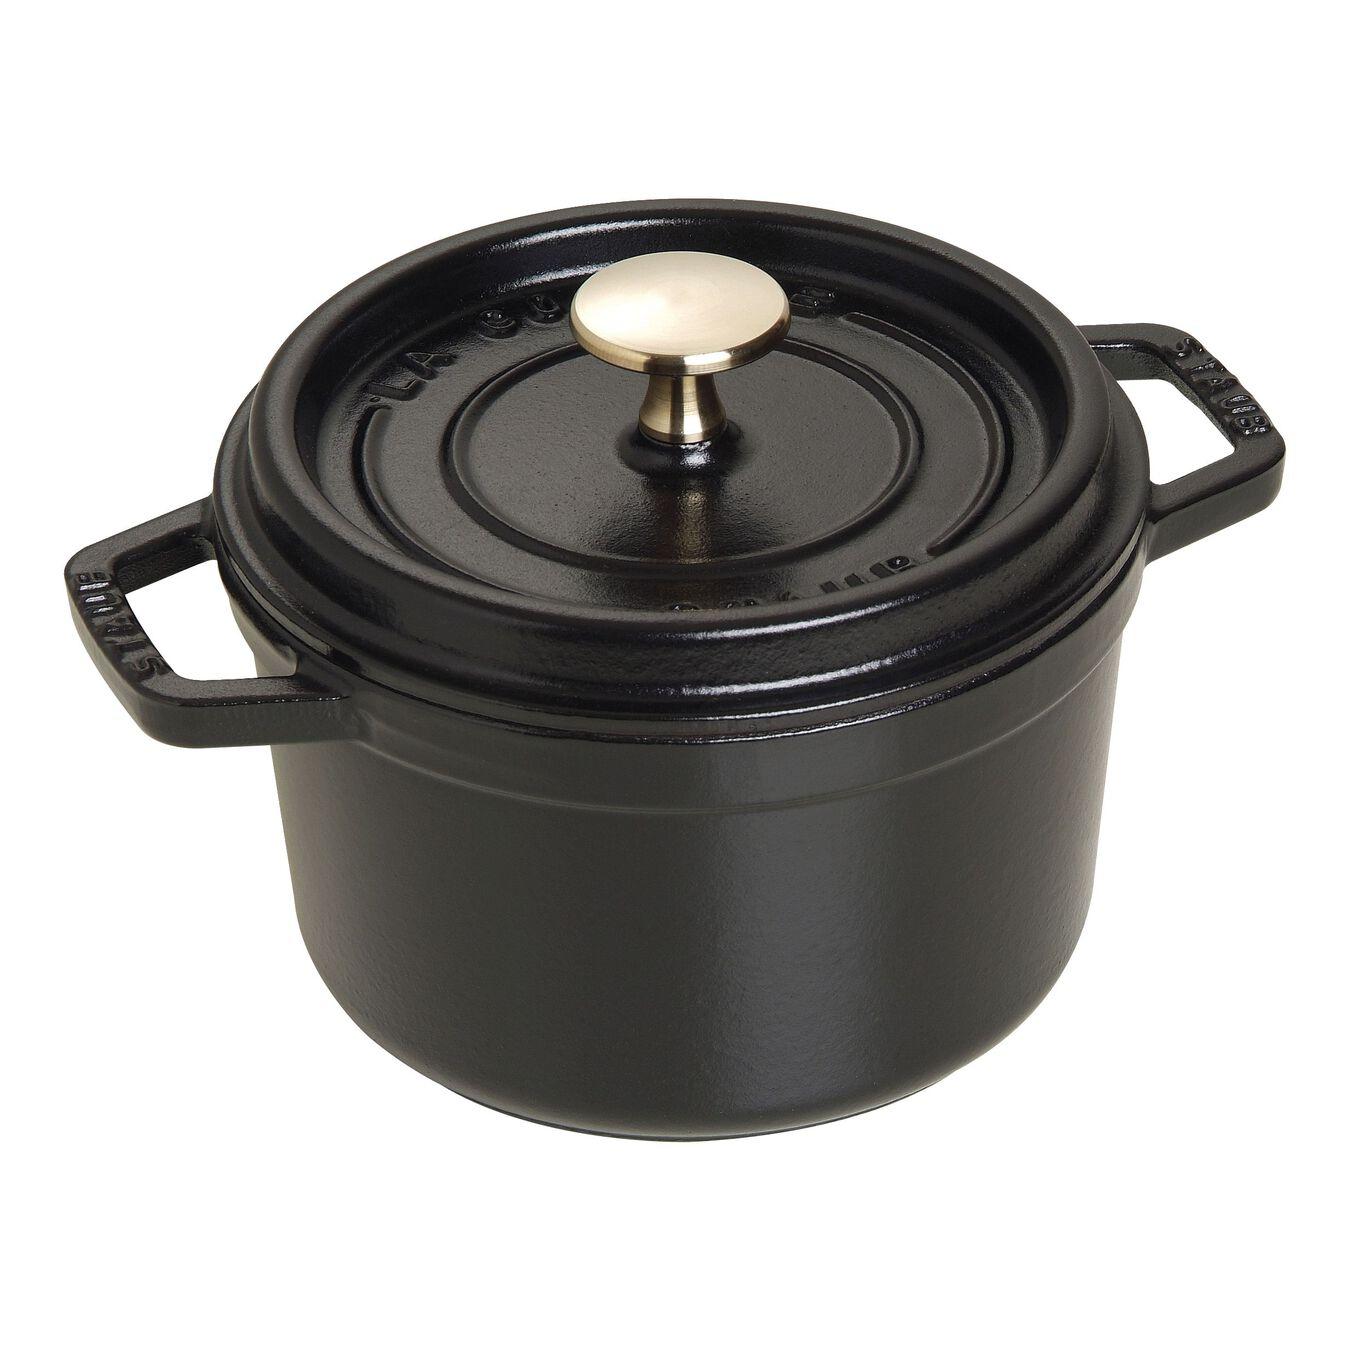 1.25 l Cast iron round Cocotte, Black,,large 1